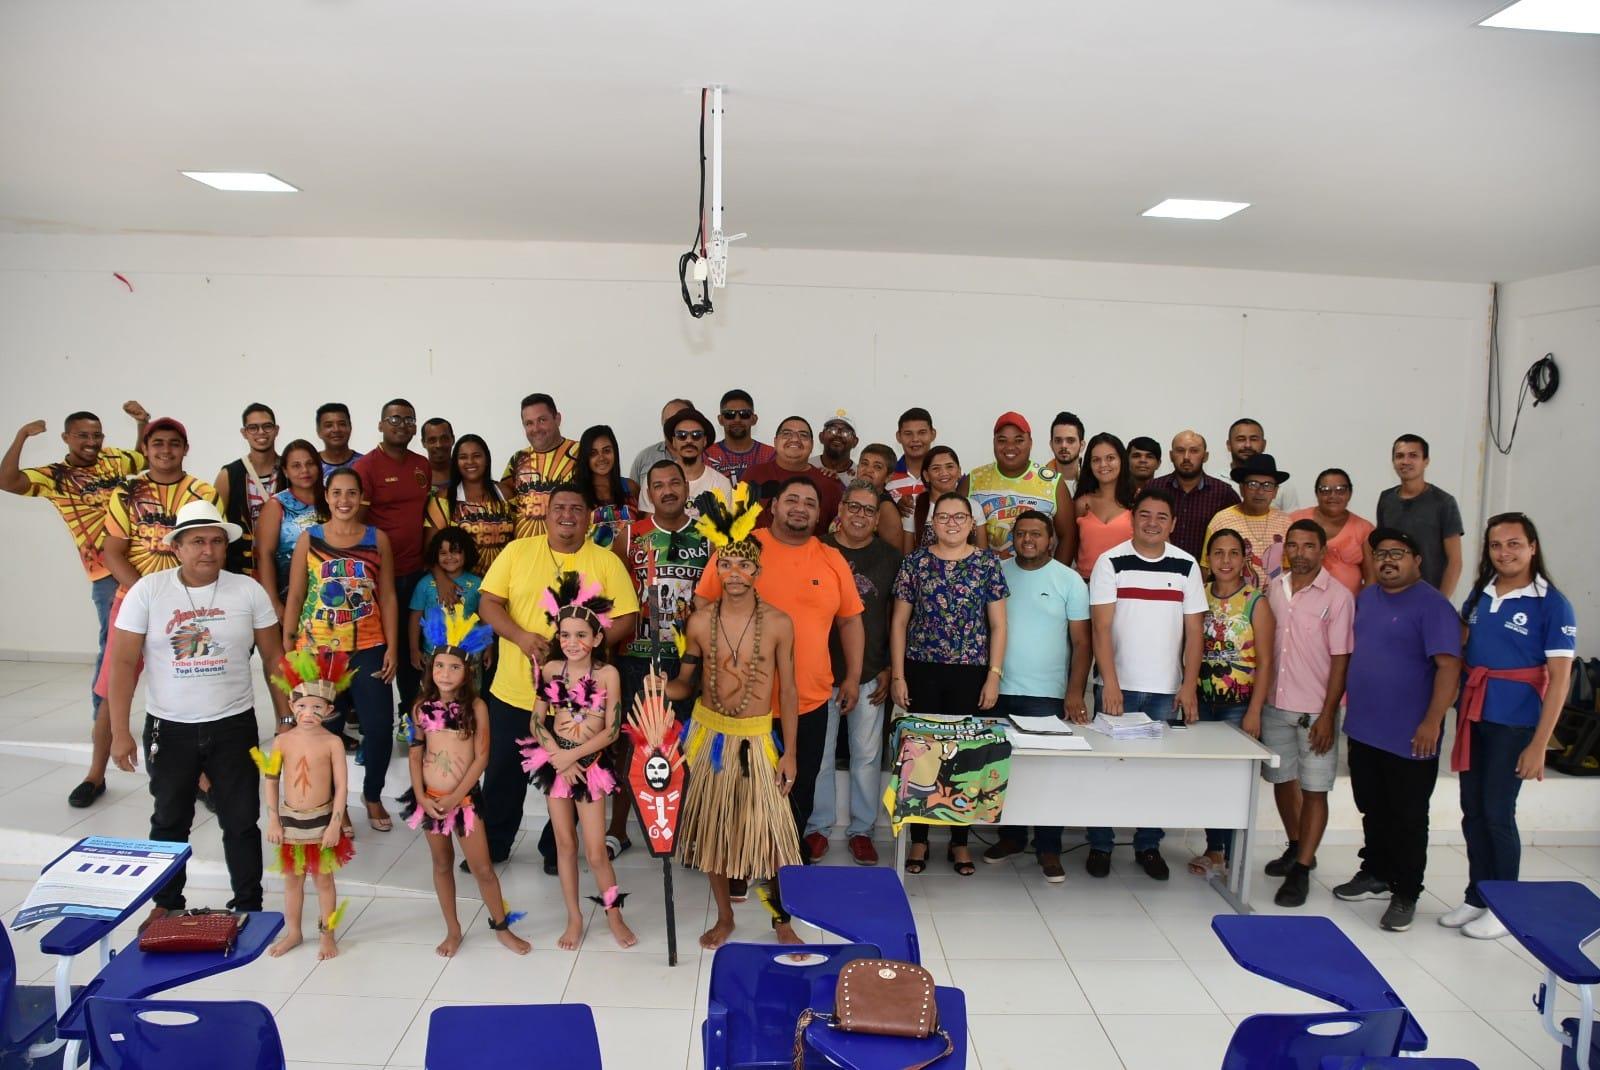 Orquestras, blocos e tribos recebem incentivos para o Carnaval das Tradições